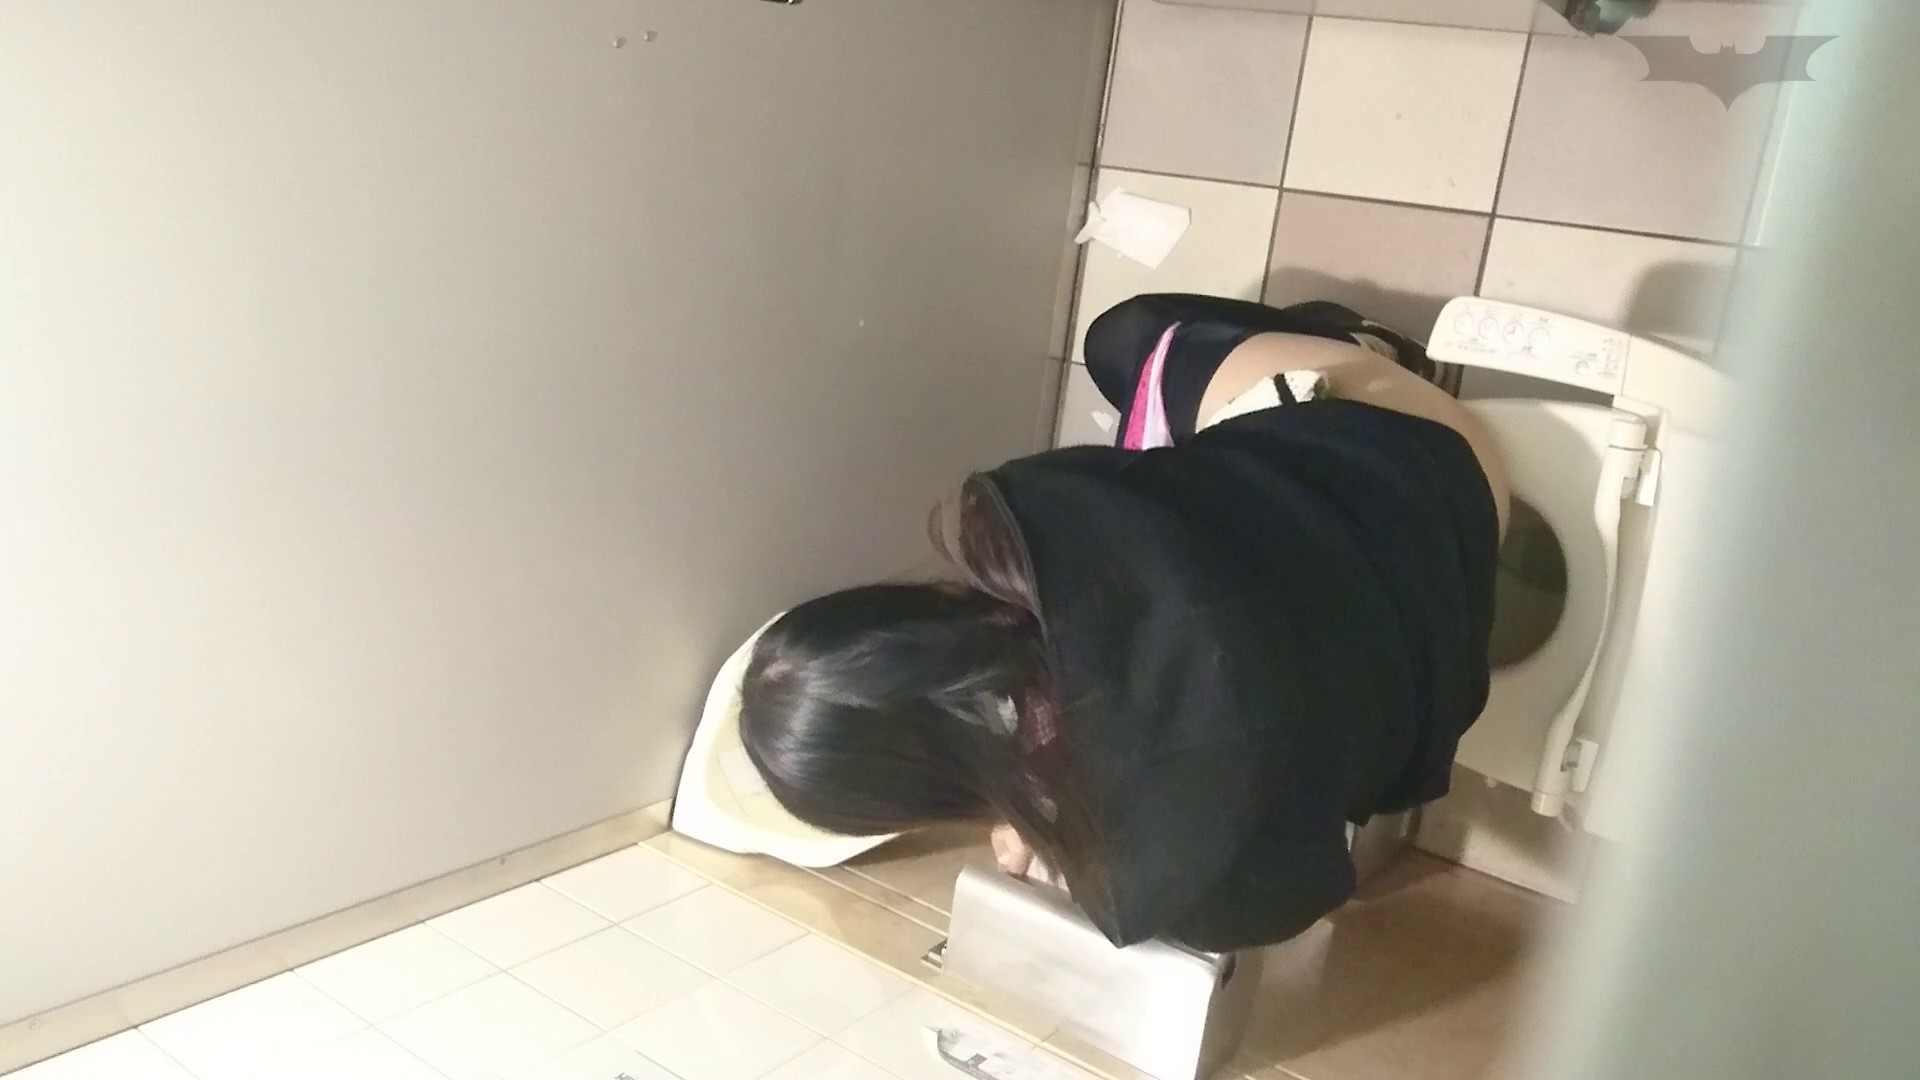 化粧室絵巻 ショッピングモール編 VOL.14 丸見えマンコ   洗面所  61画像 21